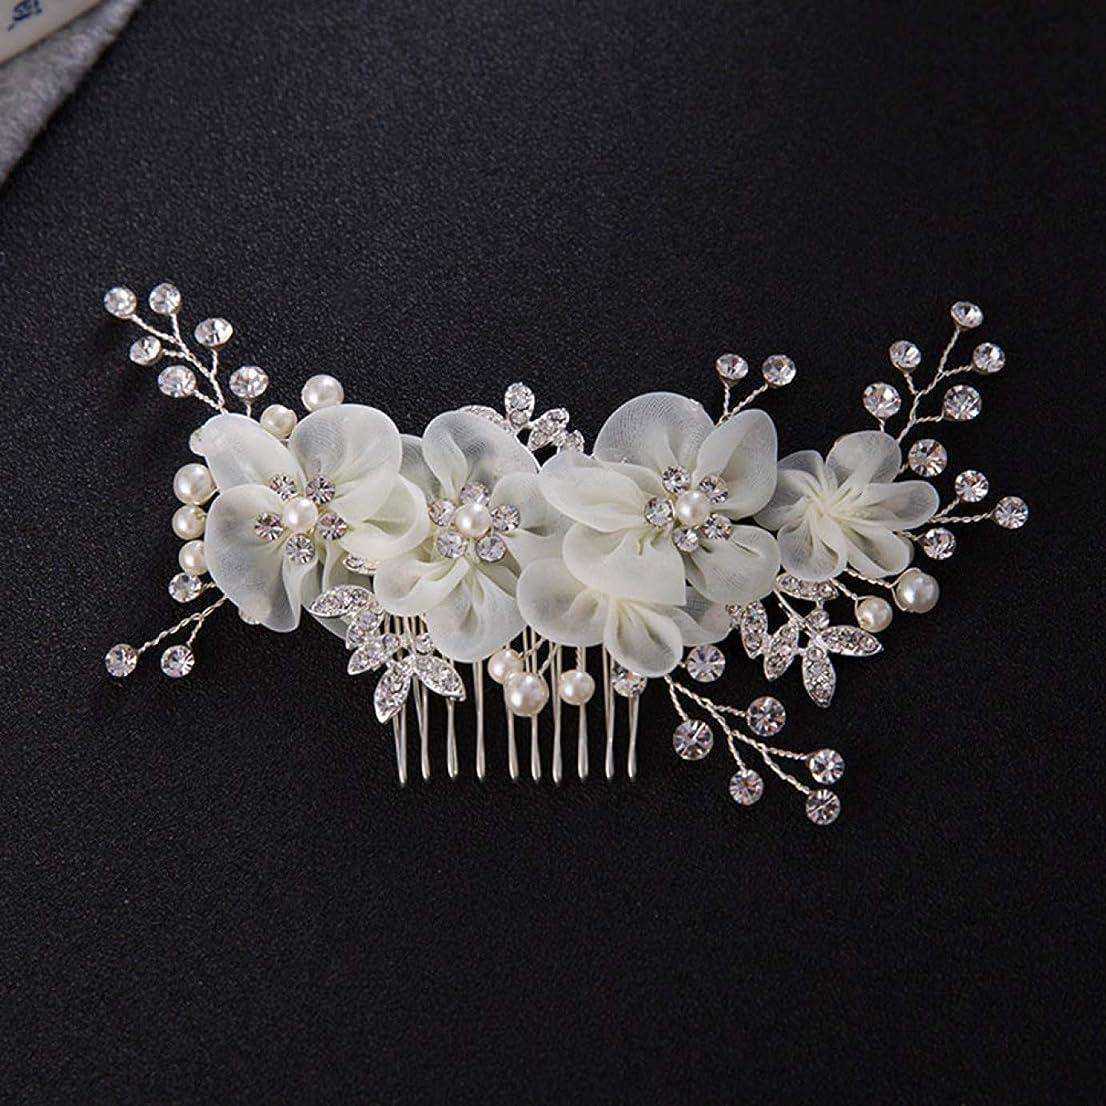 故国過度の夕方Wadachikis 耐久新しいファッションラグジュアリークリスタル結婚式ブライダルヘアクリップ(None white)